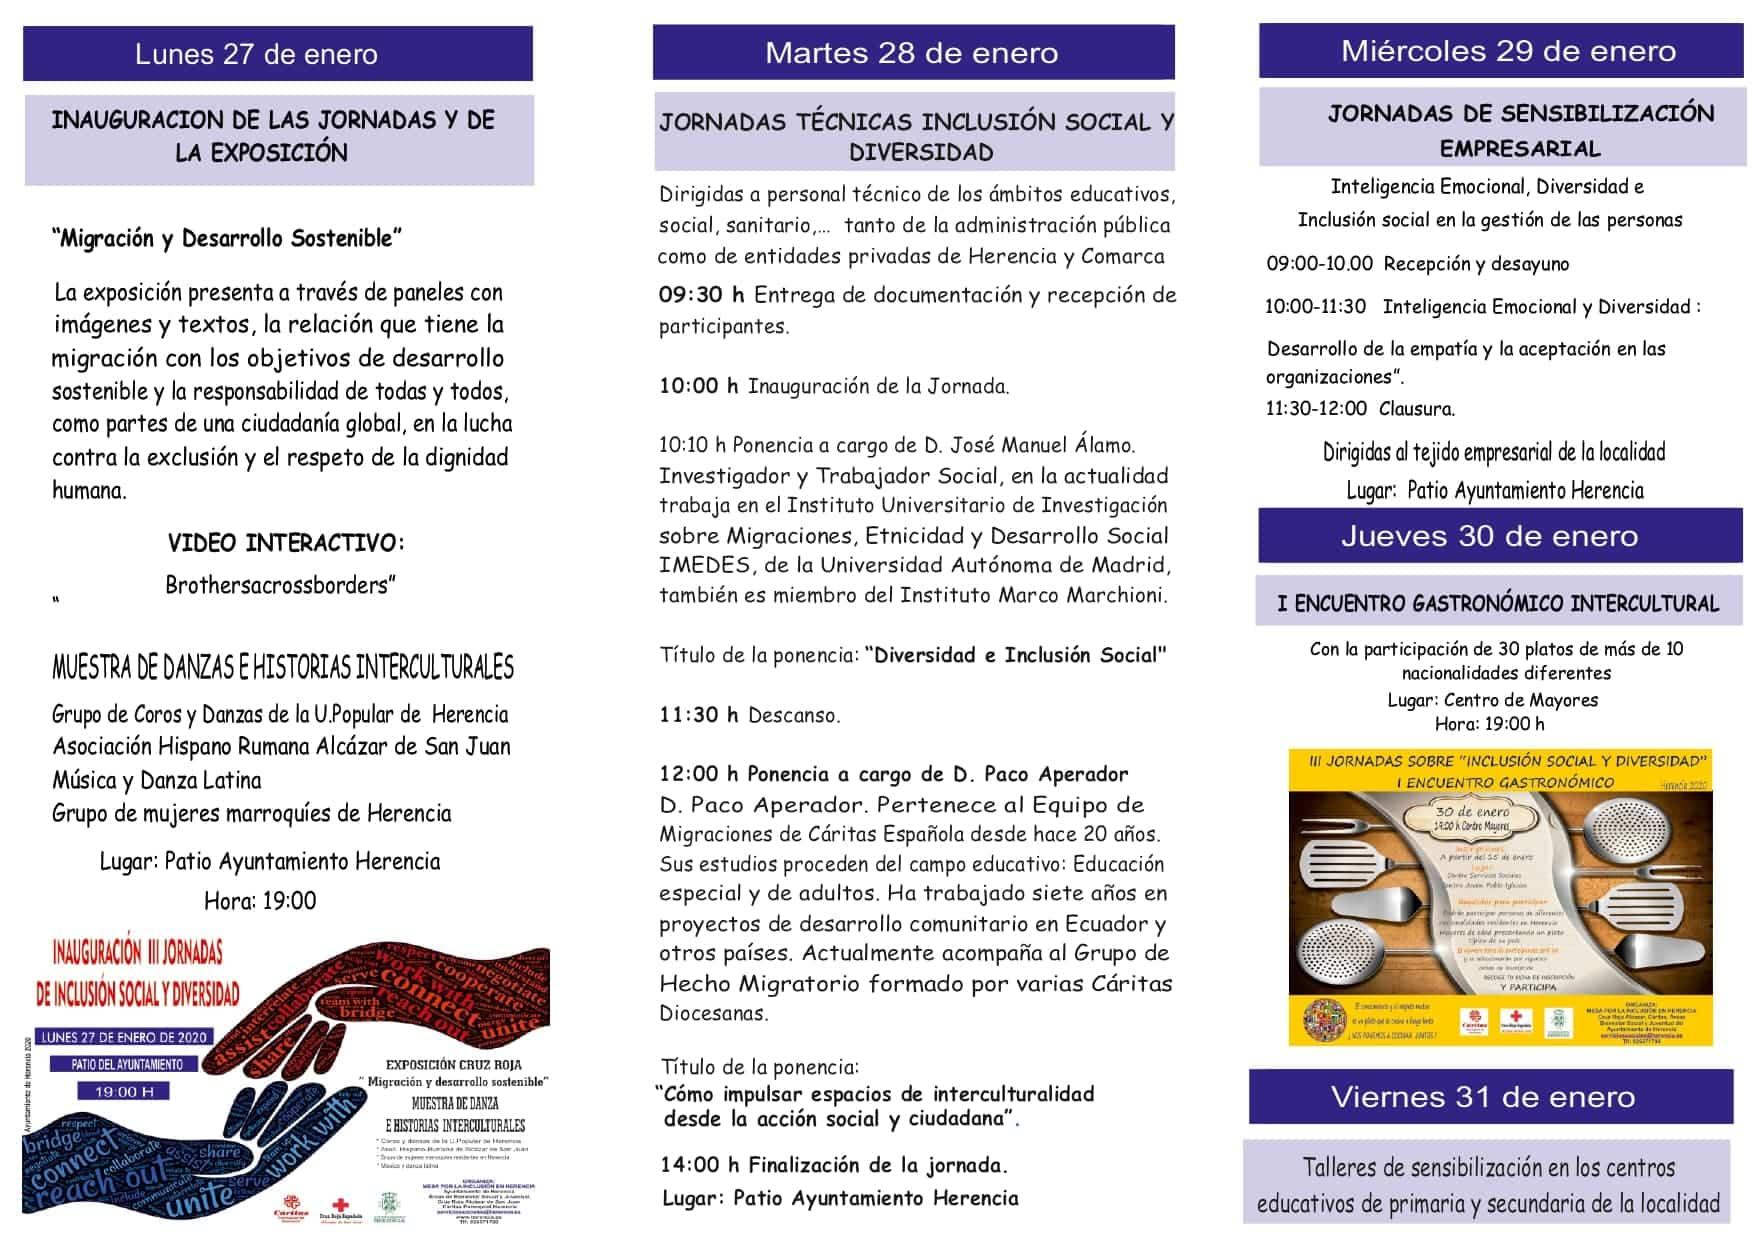 Cartel jornadas inclusion social diversidad page 0002 - Herencia presenta las III Jornadas de Inclusión Social y Diversidad